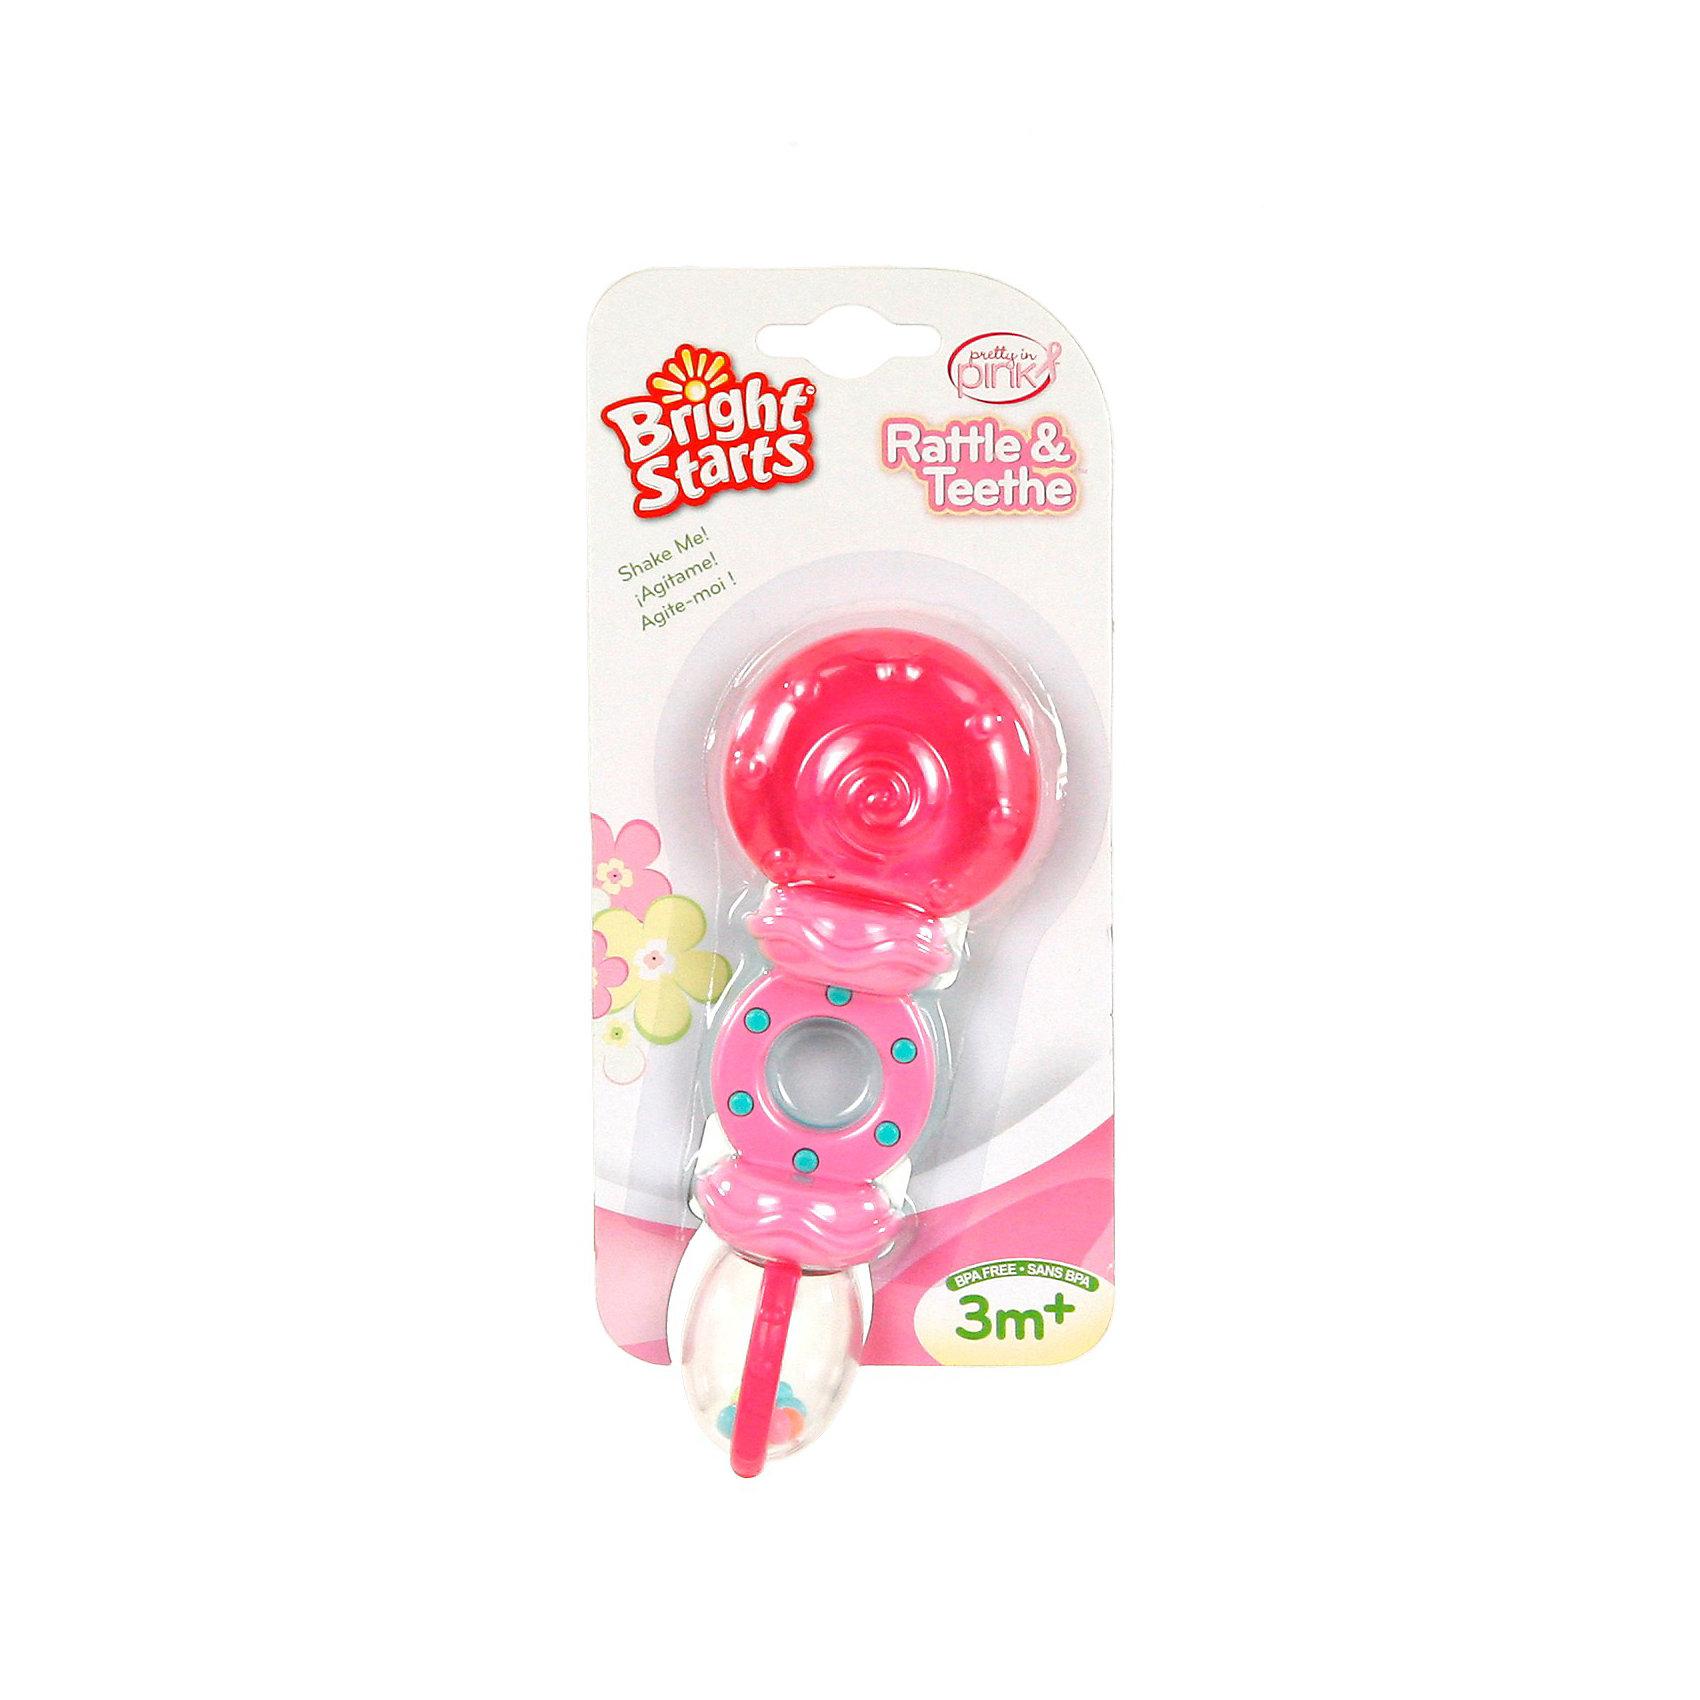 Погремушка с прорезывателем Леденец Bright Starts, розоваяЭта игрушка с рельефным прорезывателем и забавной погремушкой станет одной из самых любимых у малышки!<br><br>ОСОБЕННОСТИ<br>Мягкие прорезыватели для зубок, наполненные водой<br>Различные текстуры<br>Малышке будет удобно держать игрушку в руках<br><br>РАЗМЕРЫ<br> размеры товара: 6 * 4 * 15,5 см<br> размеры коробки: 11,5 * 5 * 19 см<br><br>Погремушка с прорезывателем Леденец Bright Starts (Брайт Стартс), розовая можно купить в нашем интернет-магазине.<br><br>Ширина мм: 90<br>Глубина мм: 190<br>Высота мм: 30<br>Вес г: 77<br>Возраст от месяцев: 3<br>Возраст до месяцев: 12<br>Пол: Женский<br>Возраст: Детский<br>SKU: 2225530